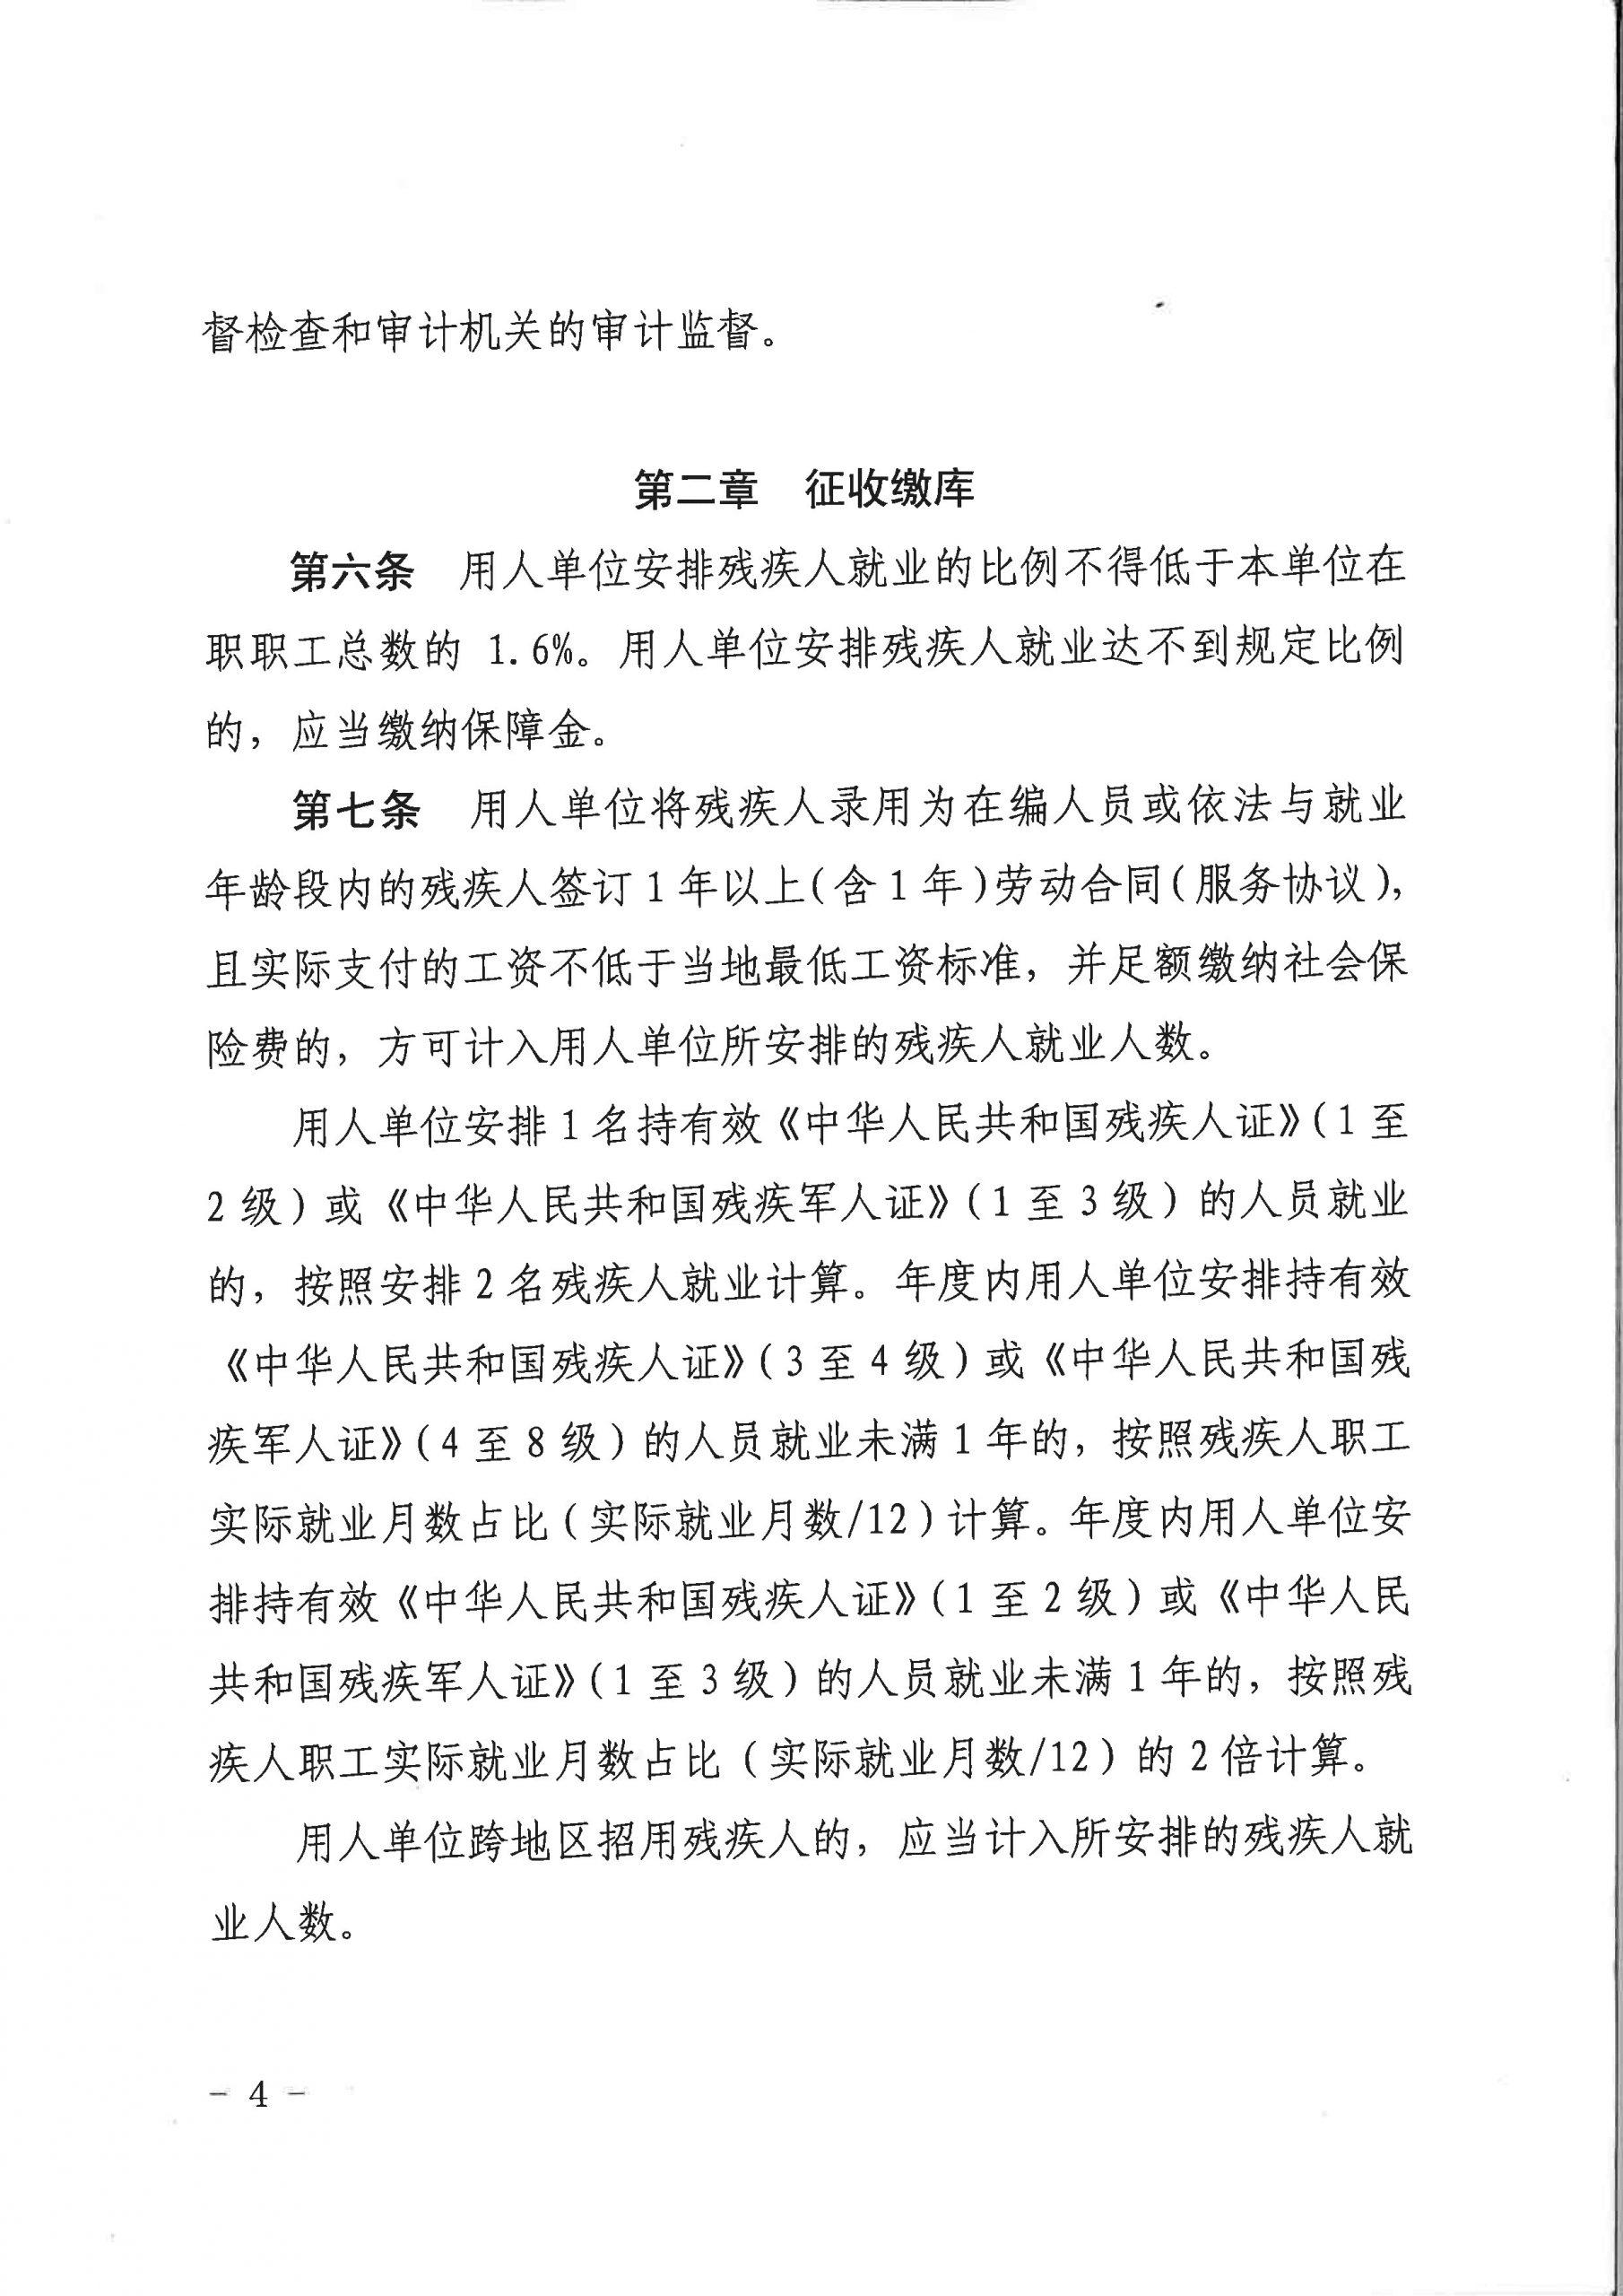 (川财规〔2021〕5号)关于印发《四川省残疾人就业保障金征收使用管理实施办法》的通知